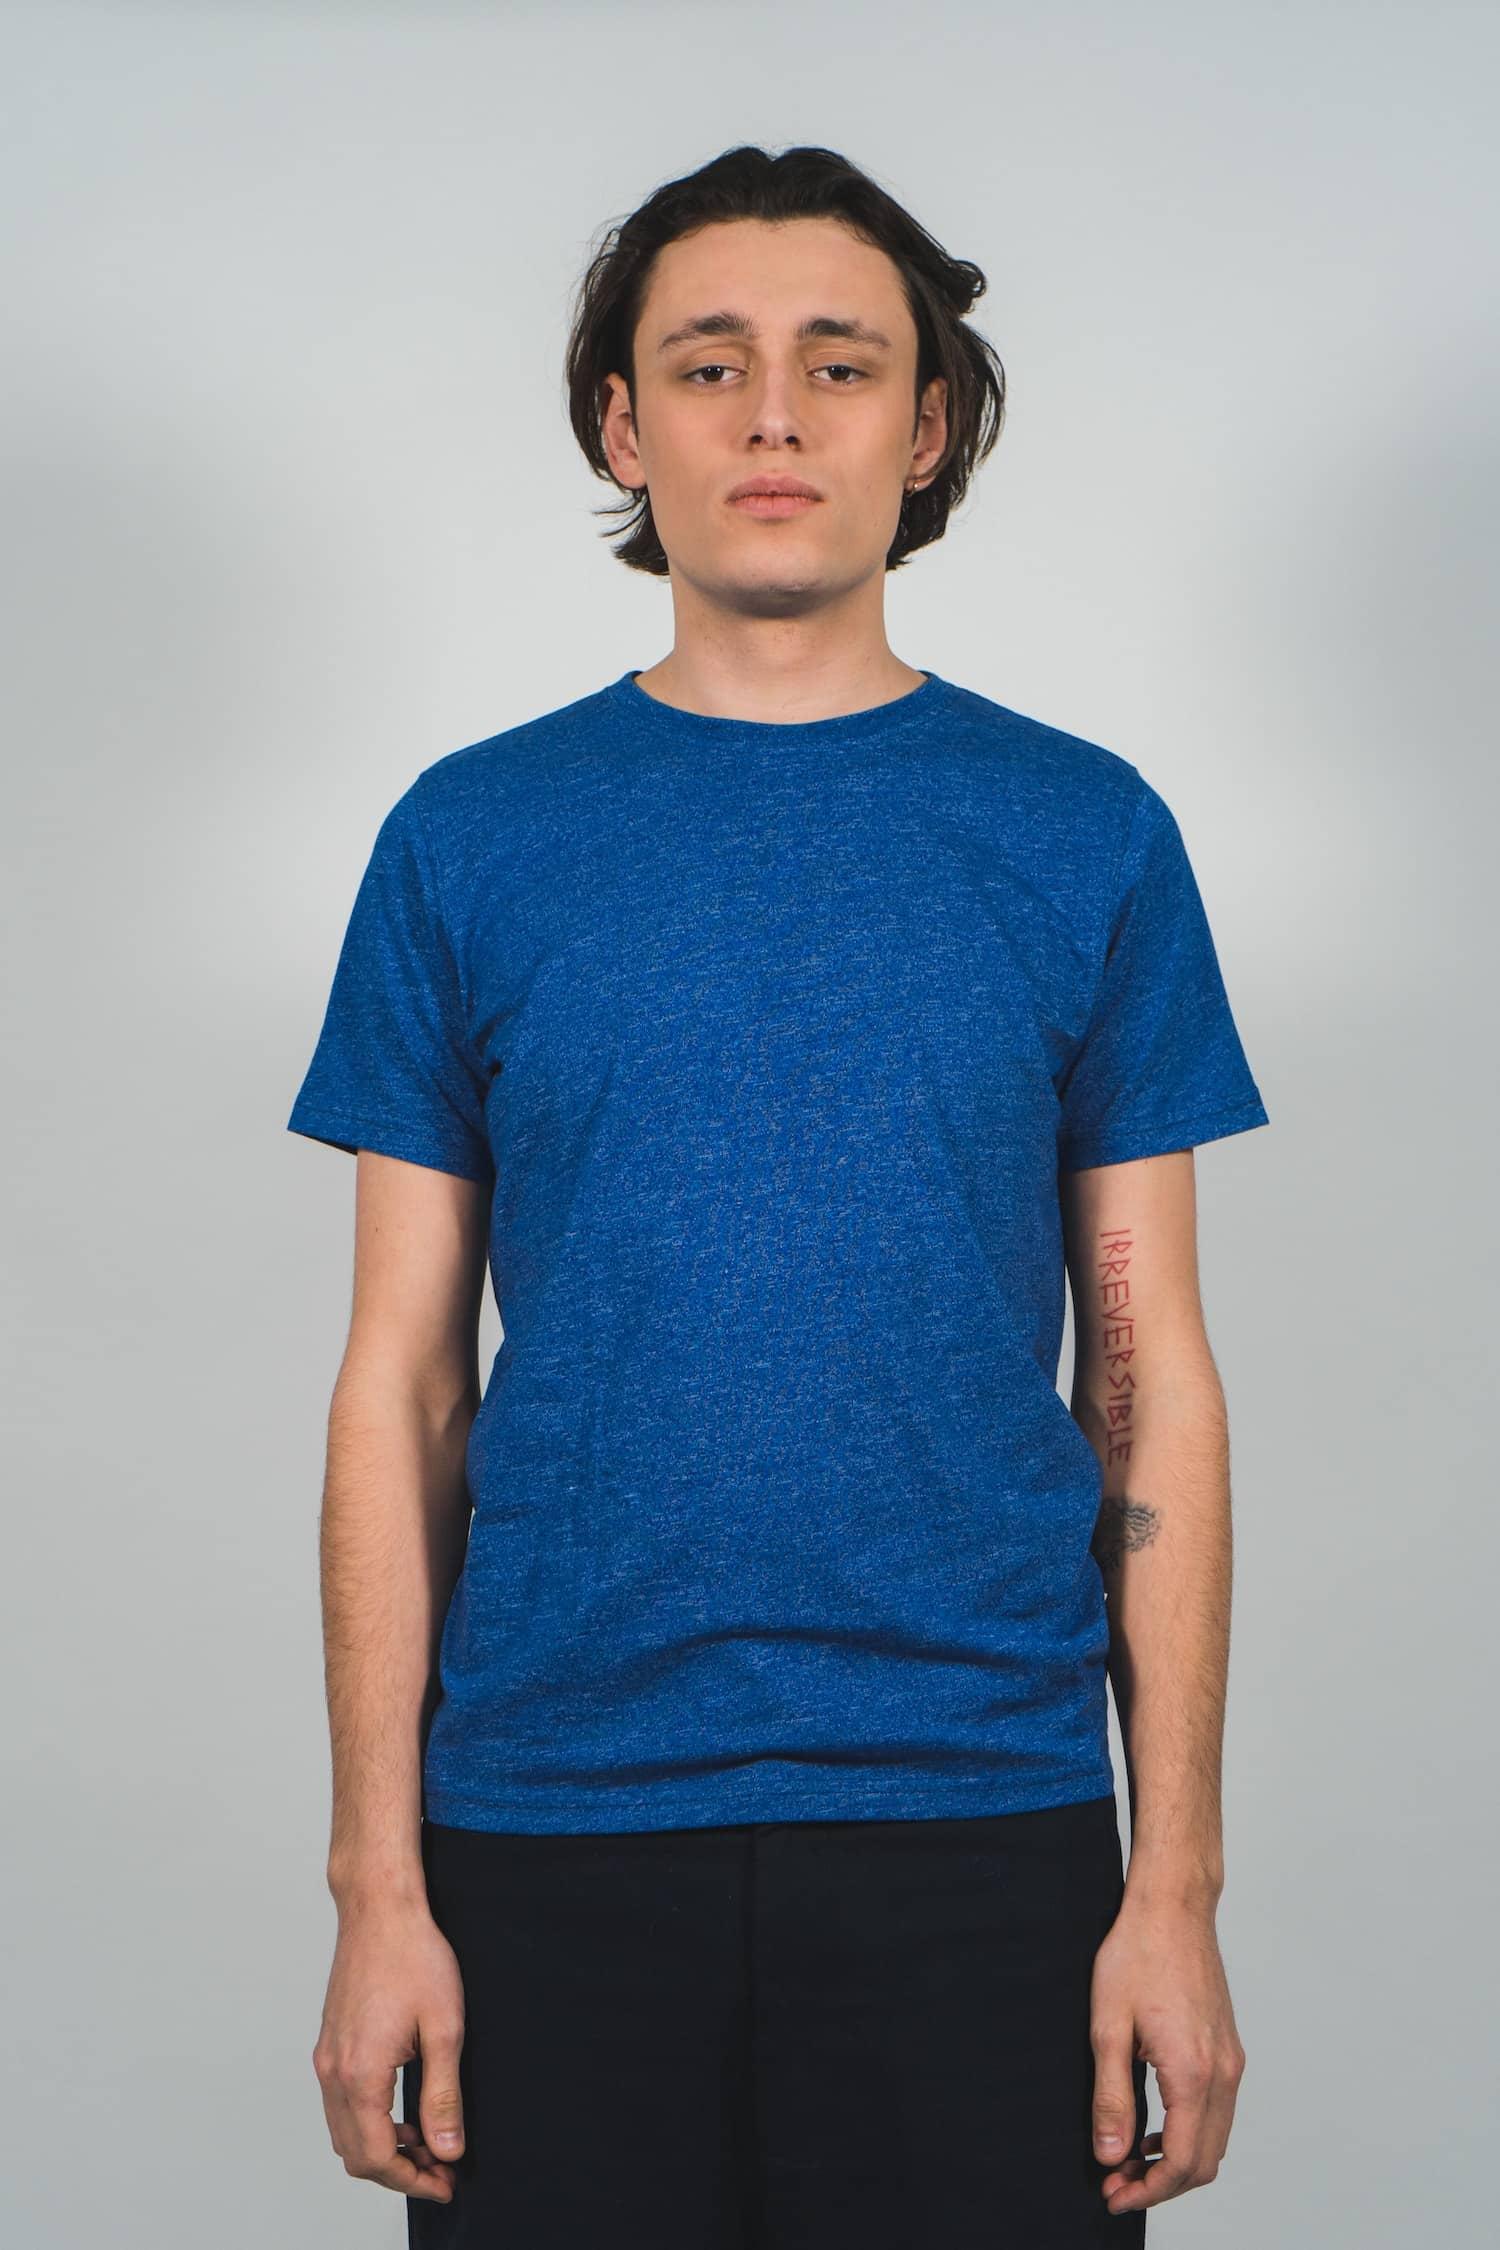 Castart Schmidt T-shirt AW19